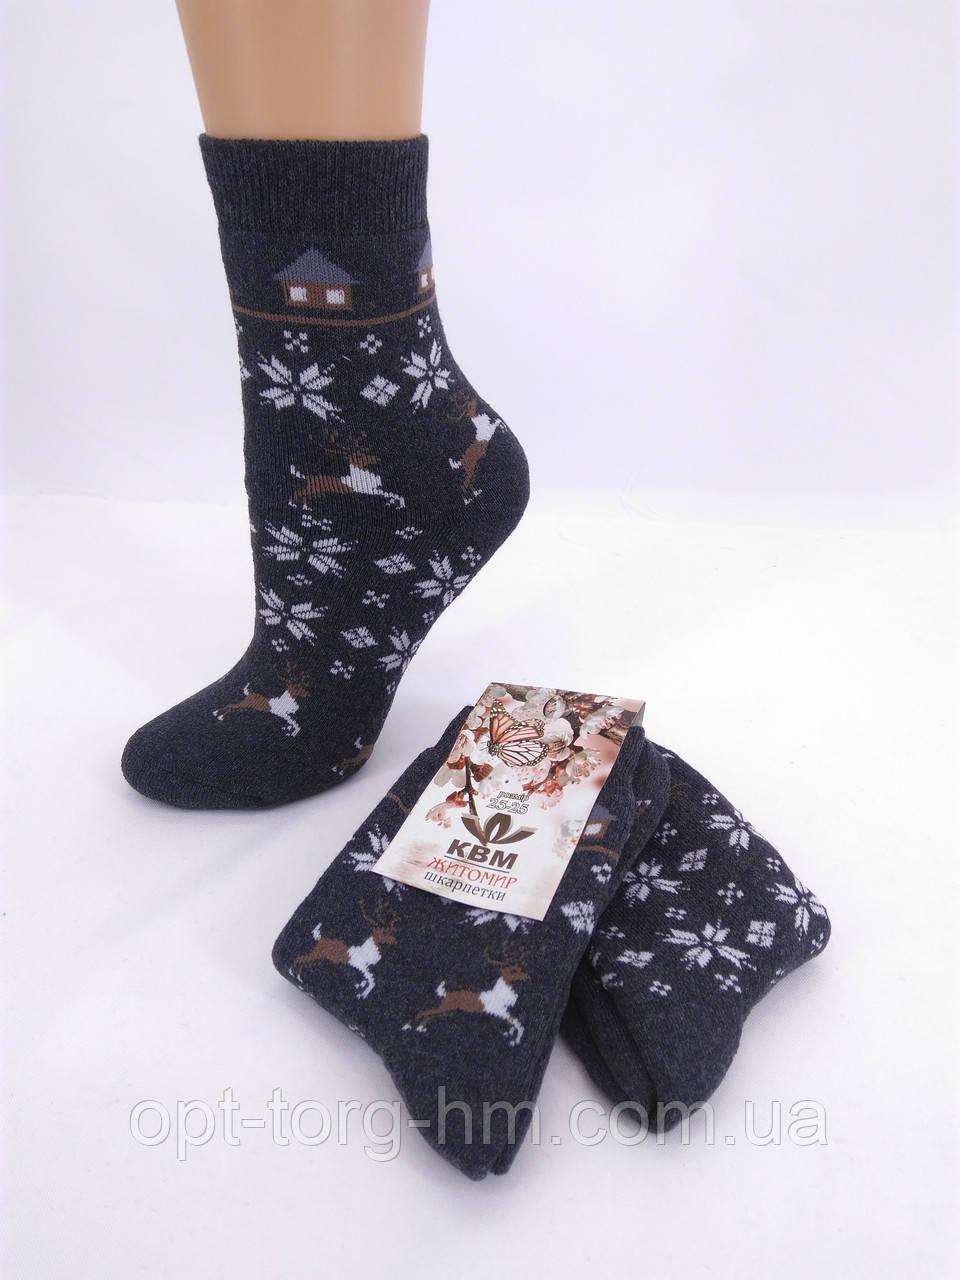 Жіночі махрові шкарпетки КВМ